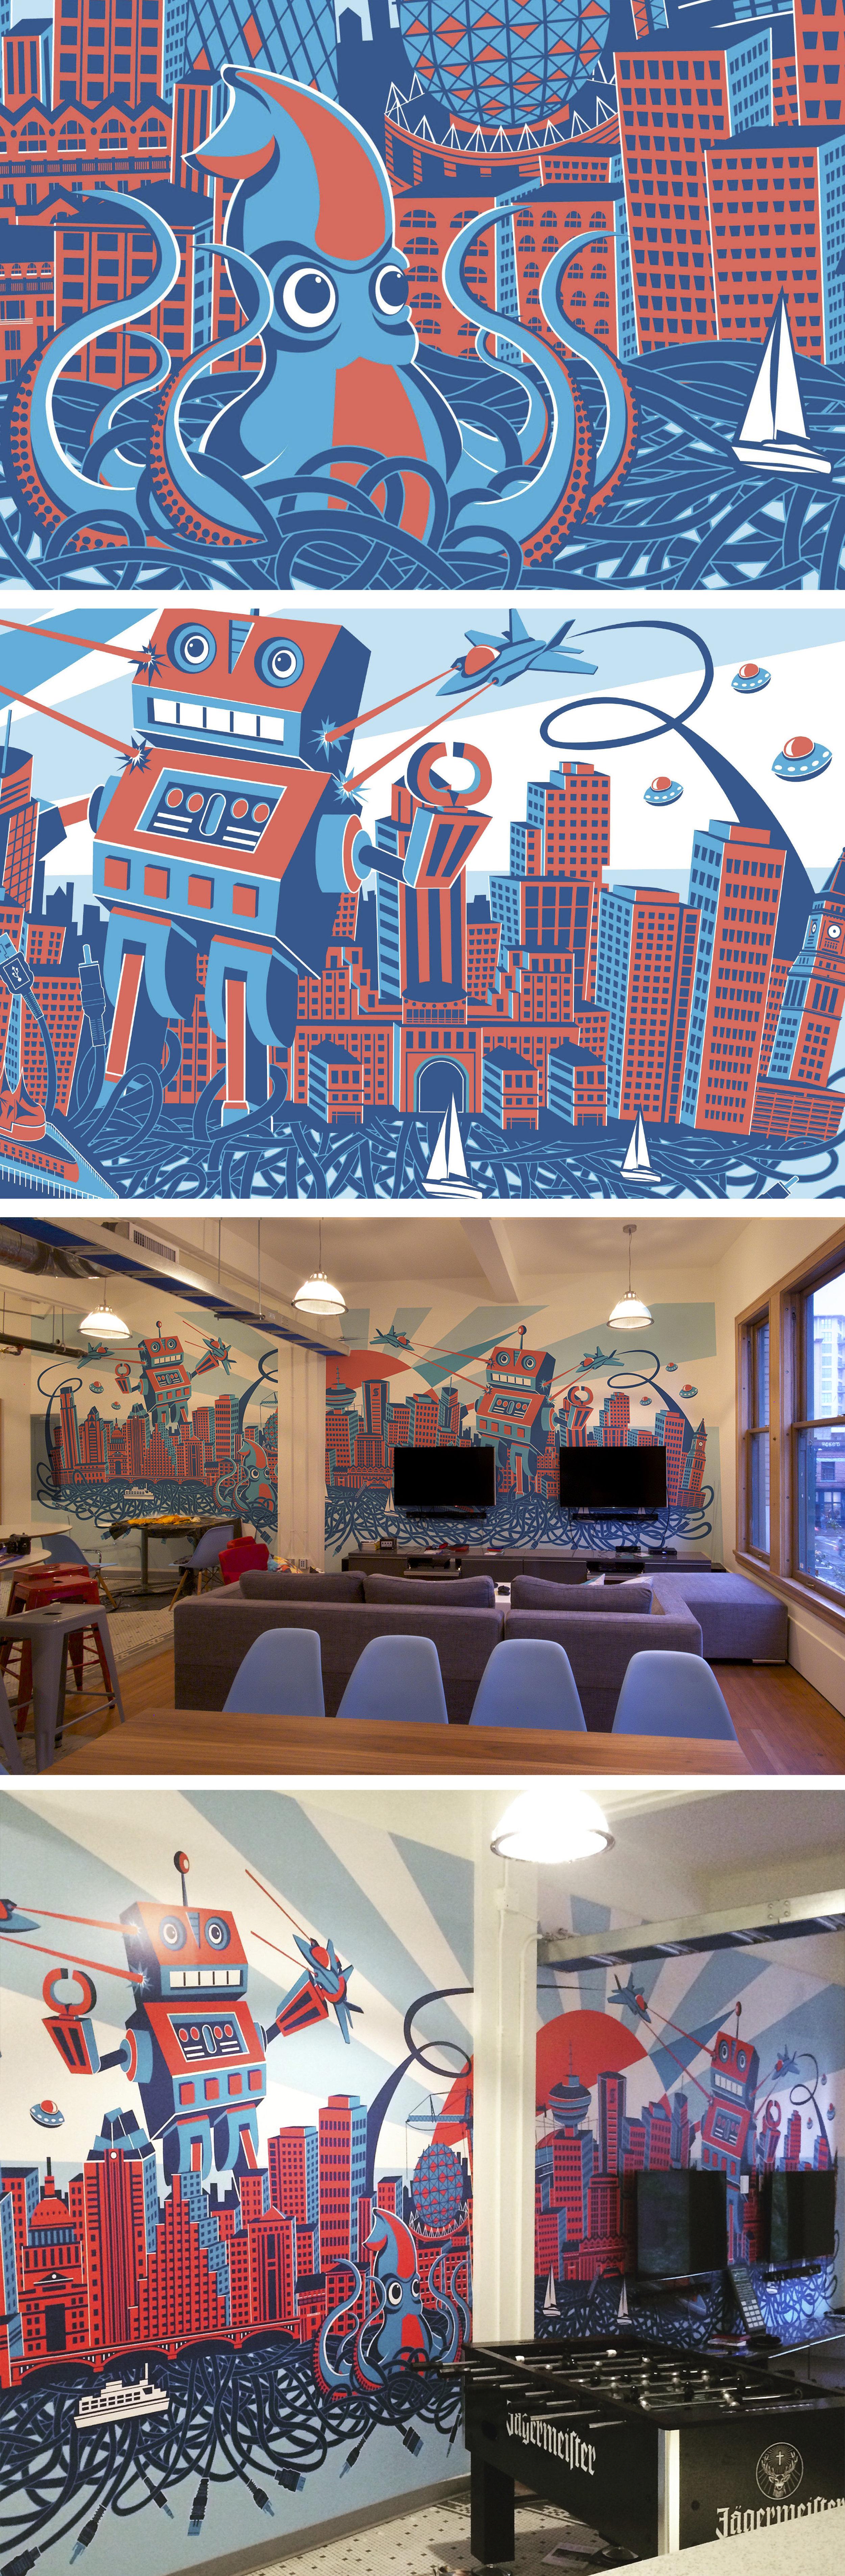 Mural-Behance2a.jpg